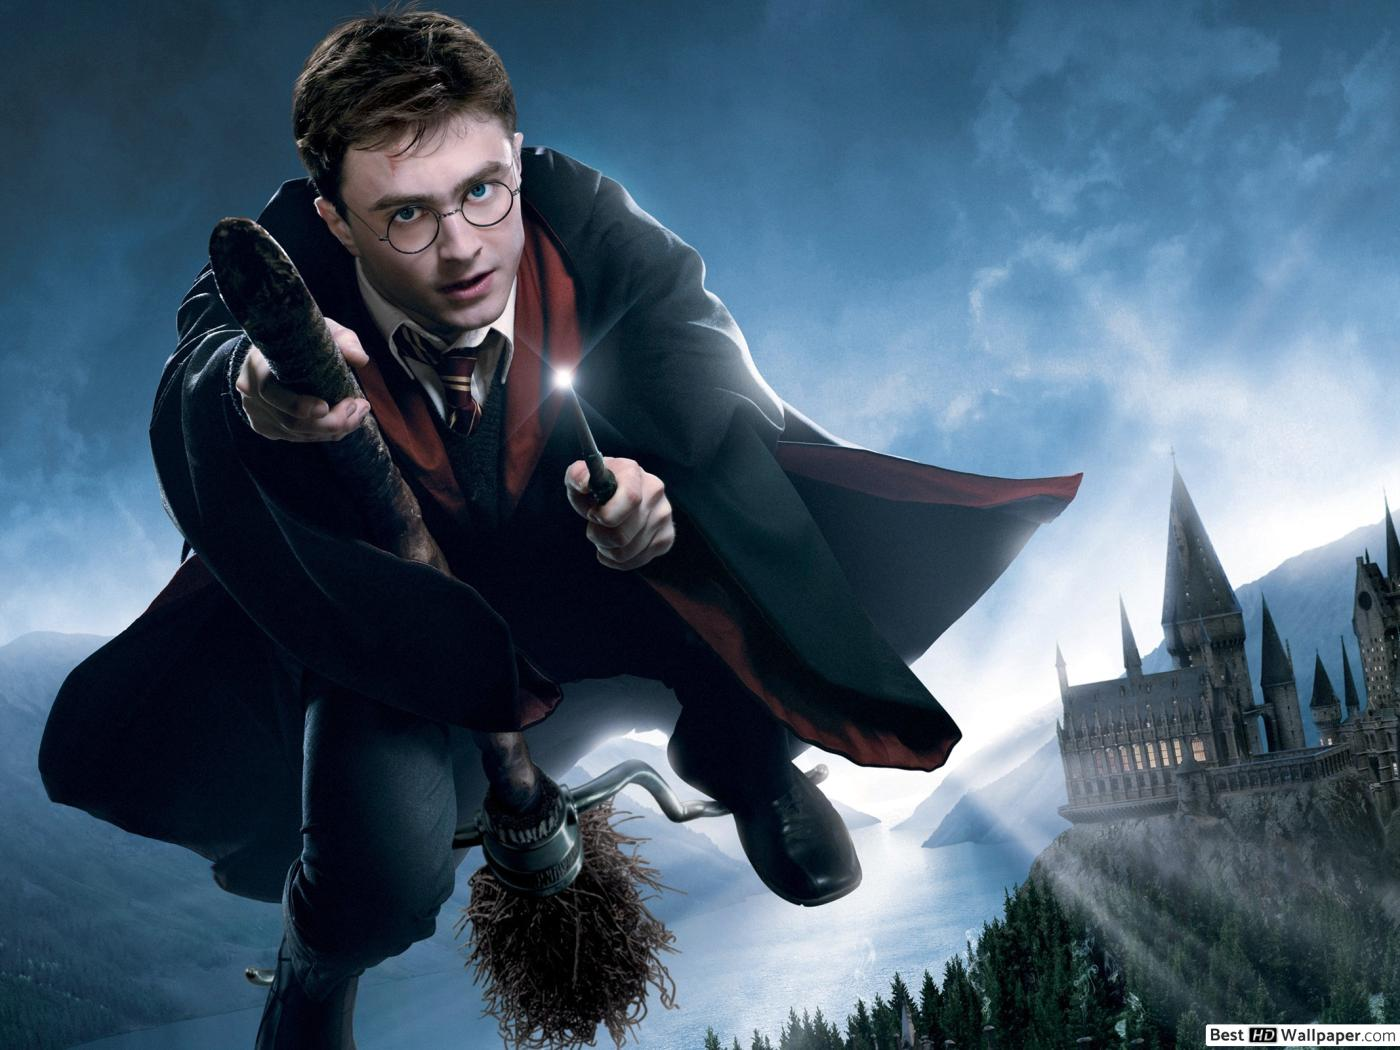 Шалость удалась! Разработчики игры про квиддич из «Гарри Поттера» выпустят её без лицензии